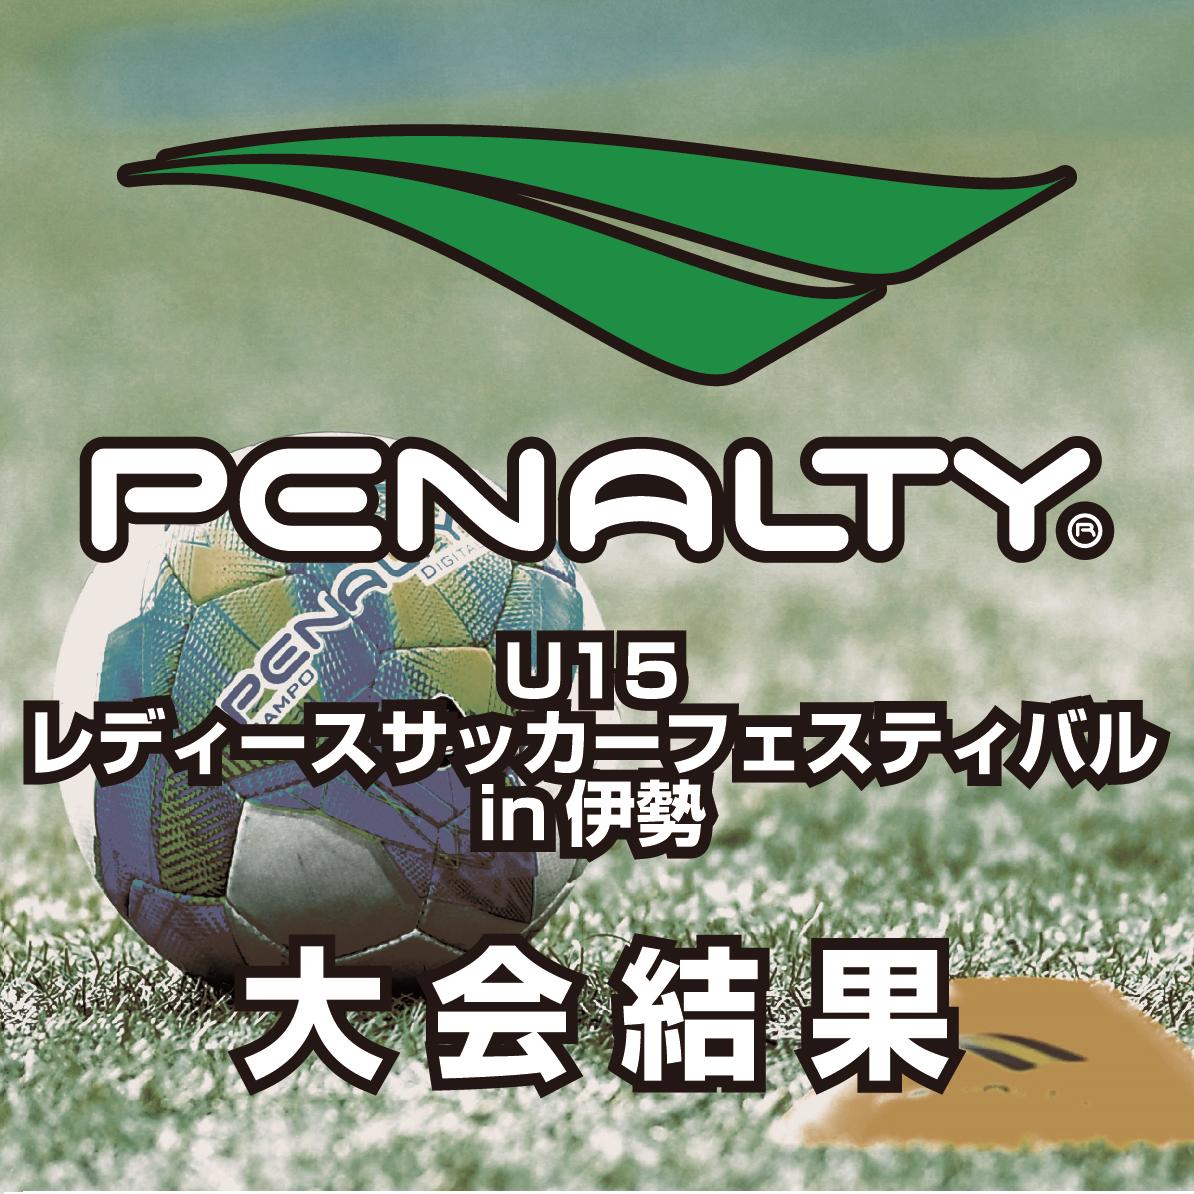 2018 レディースサッカーフェスティバル in 伊勢 ペナルティCUP 大会結果